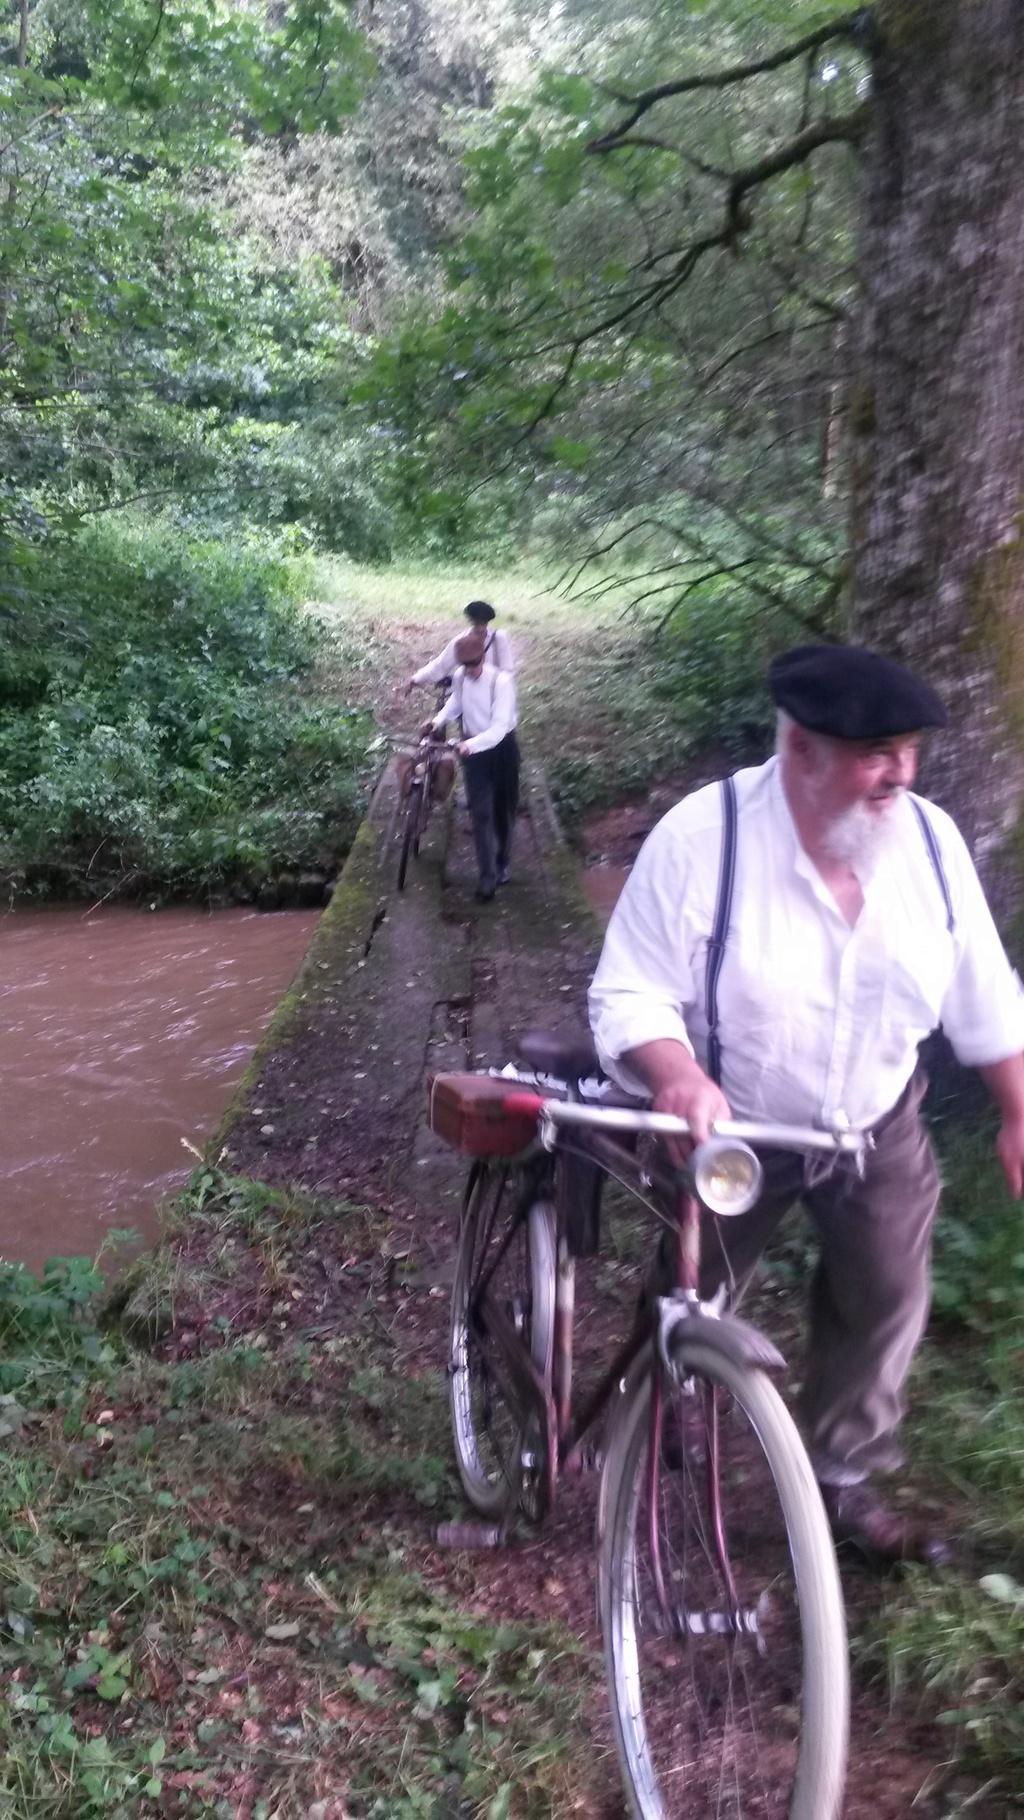 rando vélo vintage 87400 LA MEYZE  ( prés de limoges ) dimanche 10 juin 2018  07010